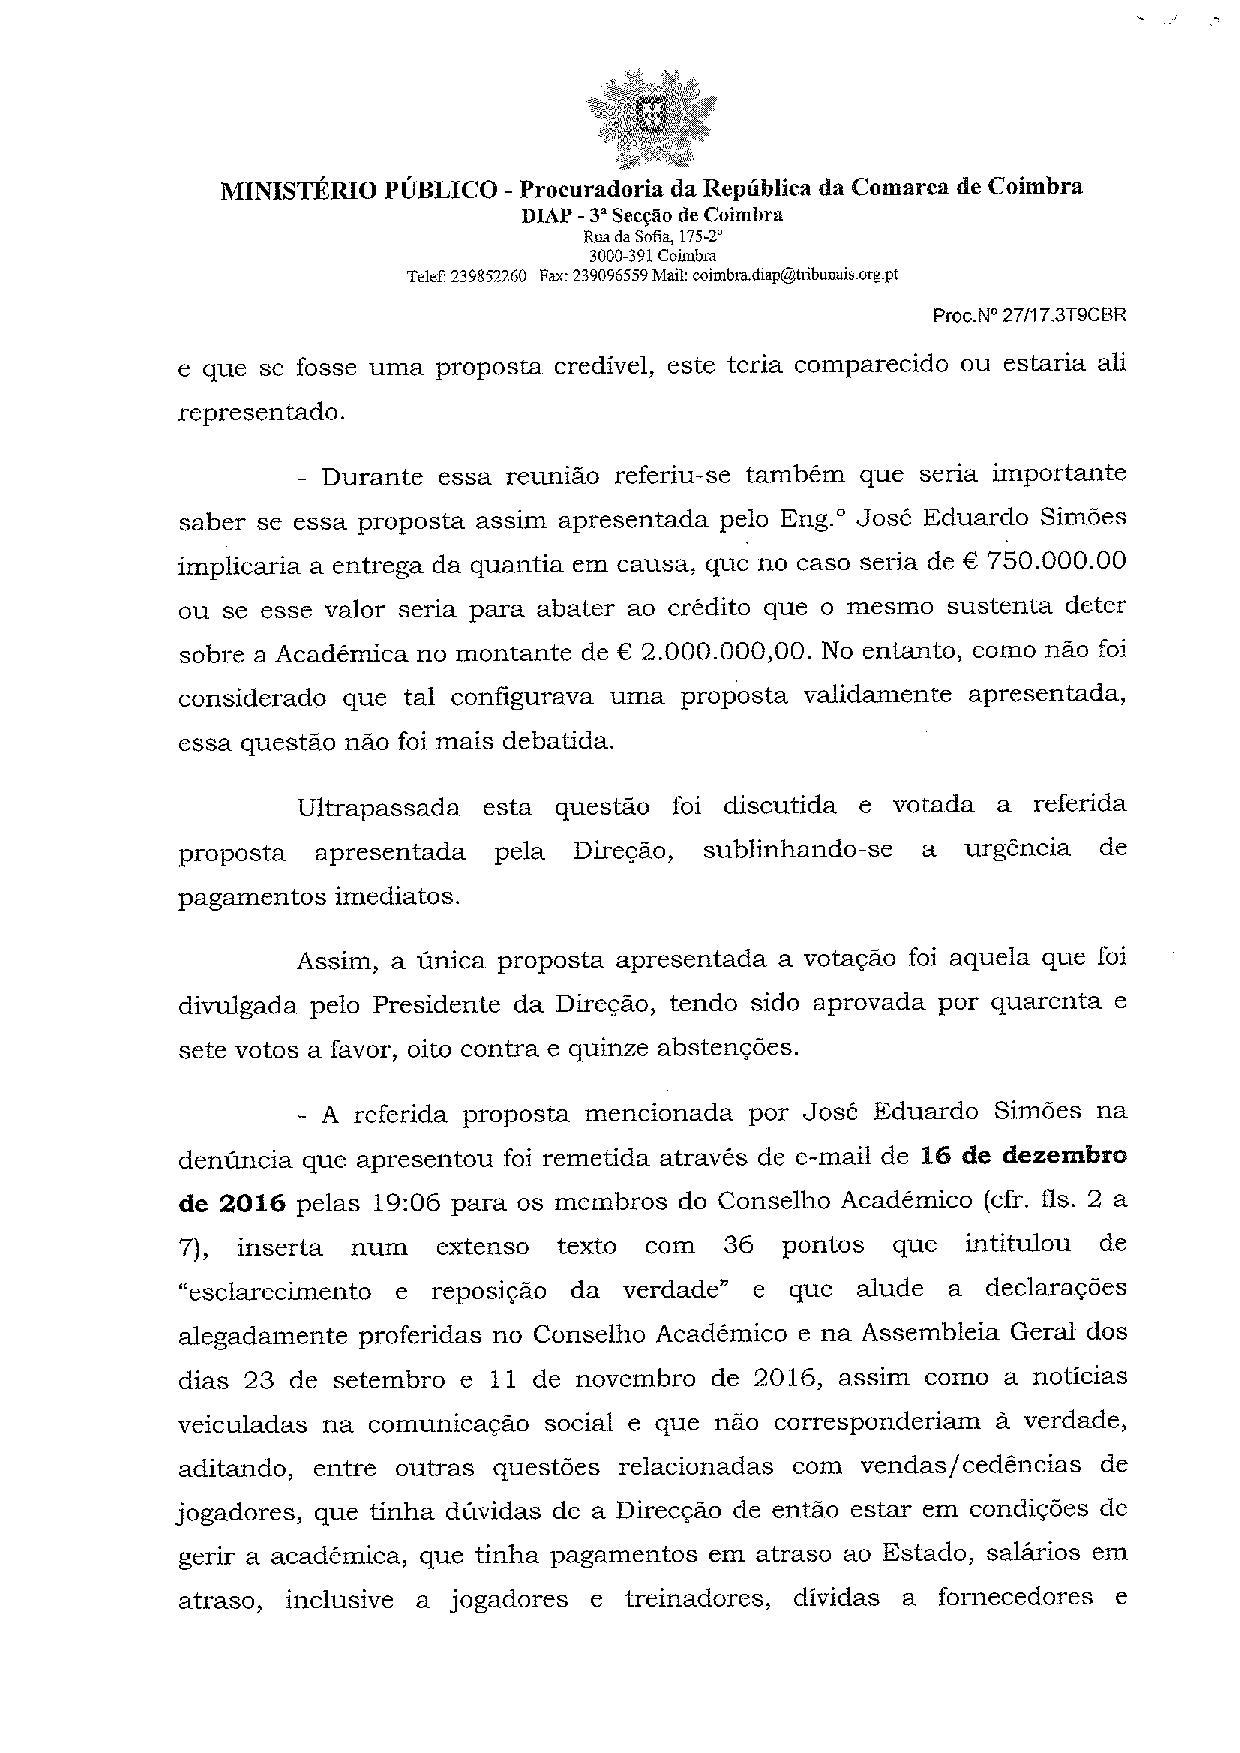 ACA-page-013